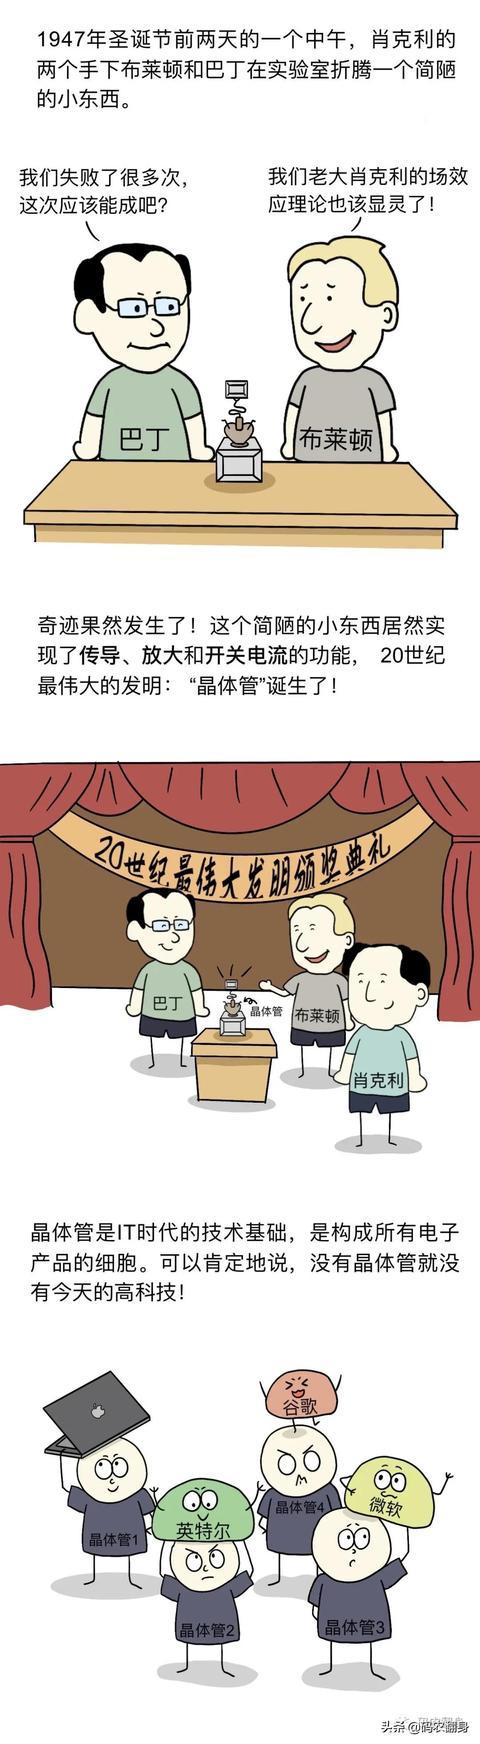 中国芯能否登顶?从芯片产业发展史找答案